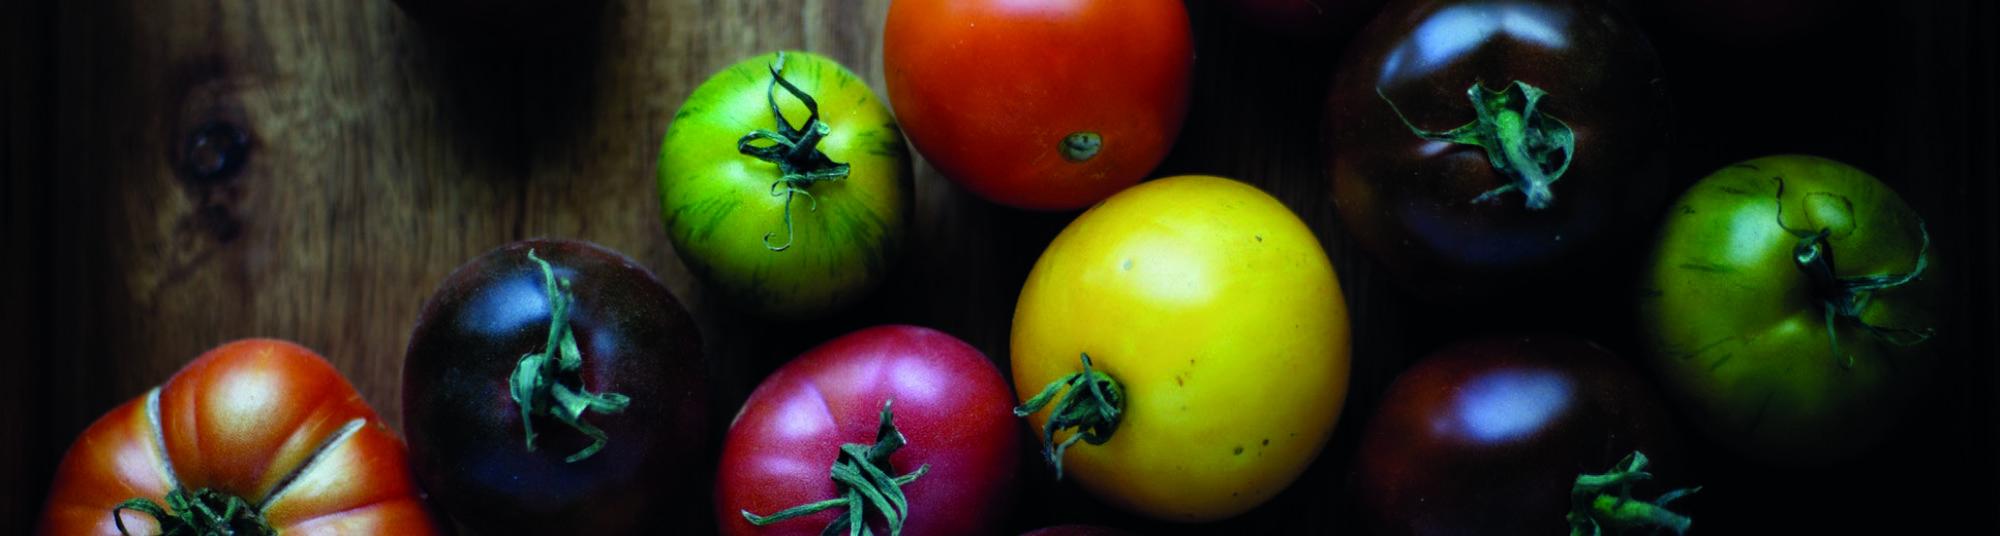 Header, Tomater, lille